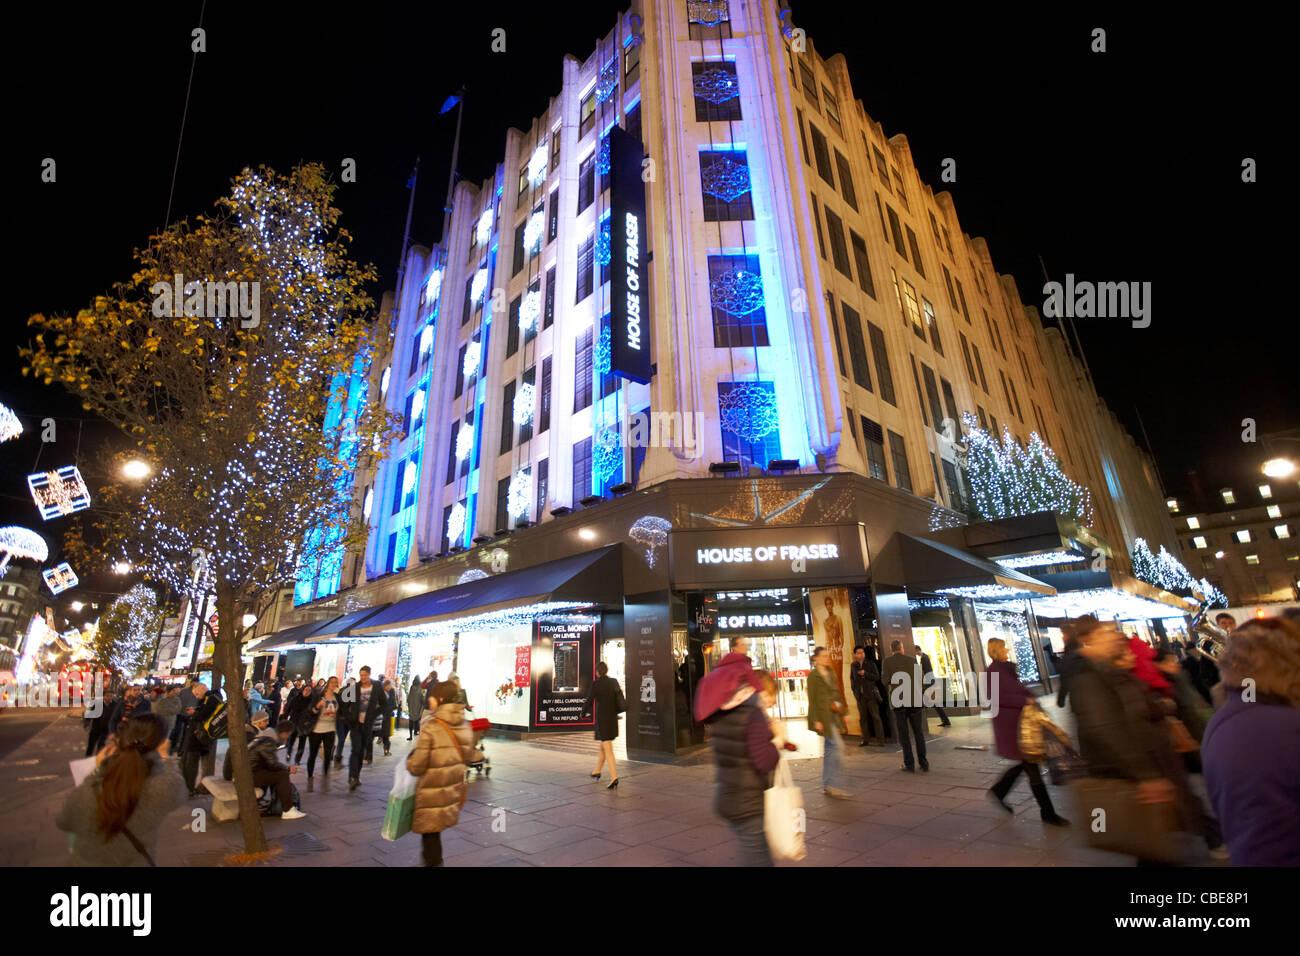 house of fraser oxford street christmas shopping london england united kingdom uk - Stock Image